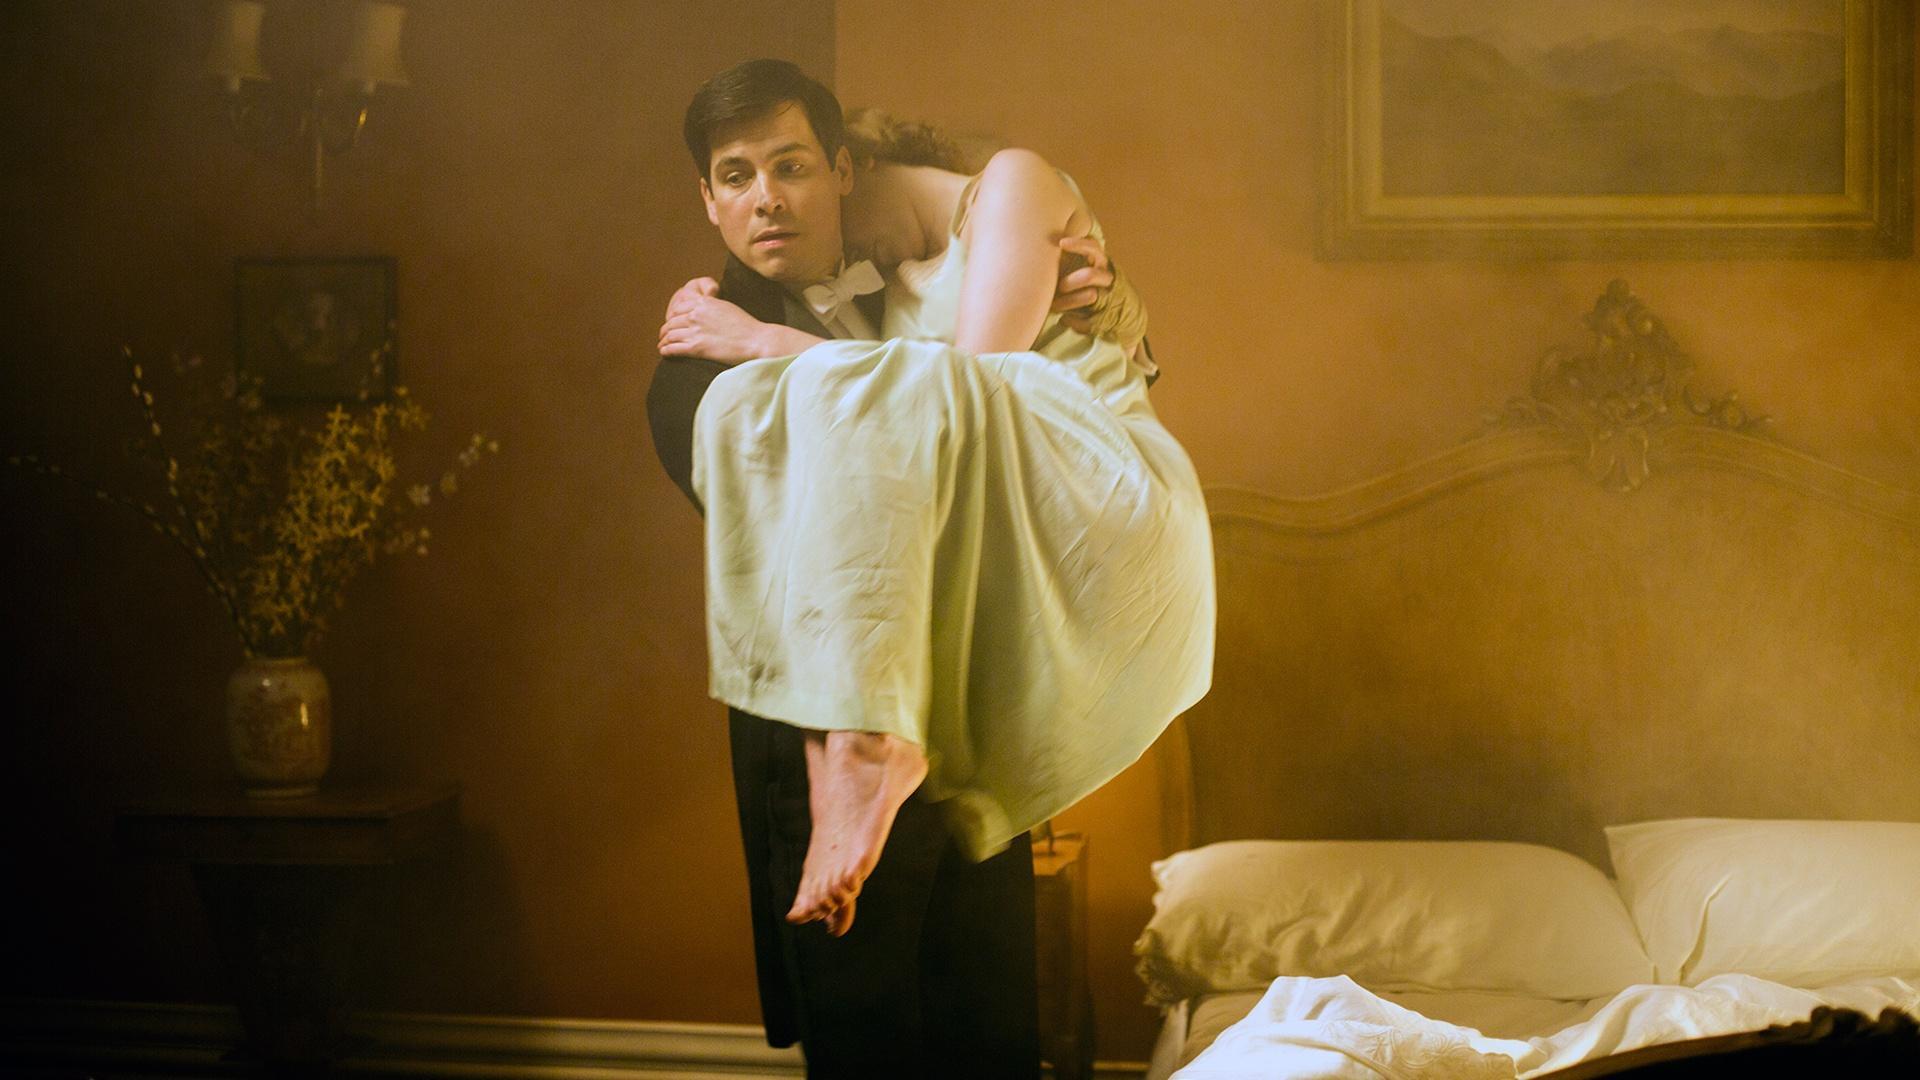 Downton Abbey Screenings